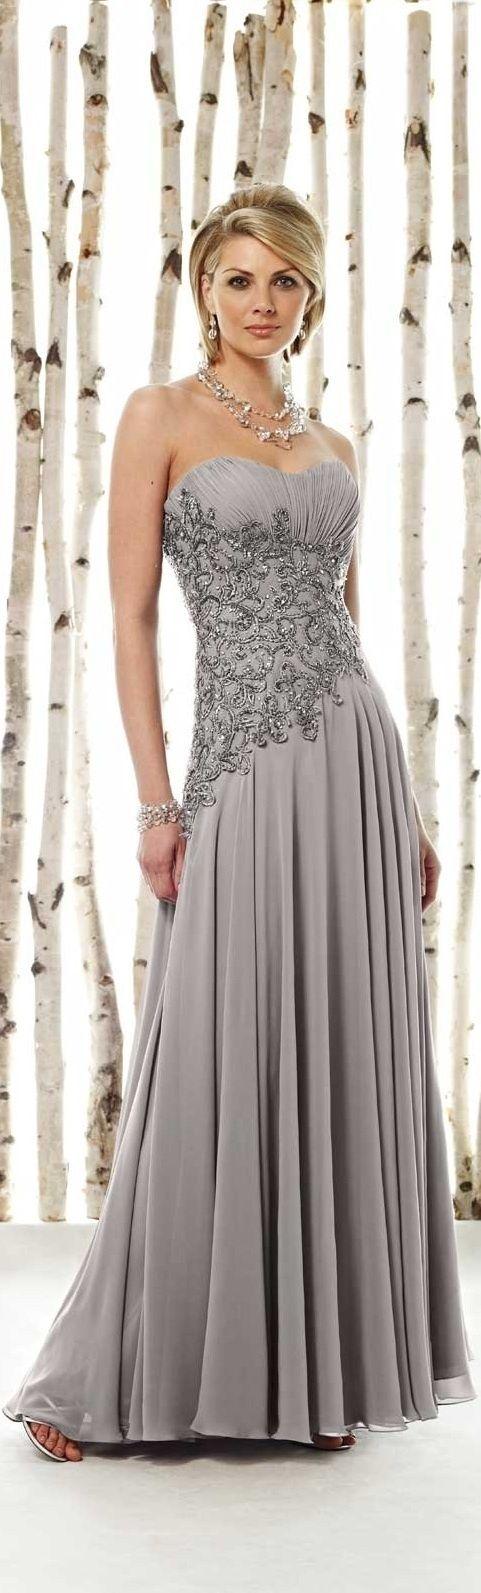 dress by Stacie09